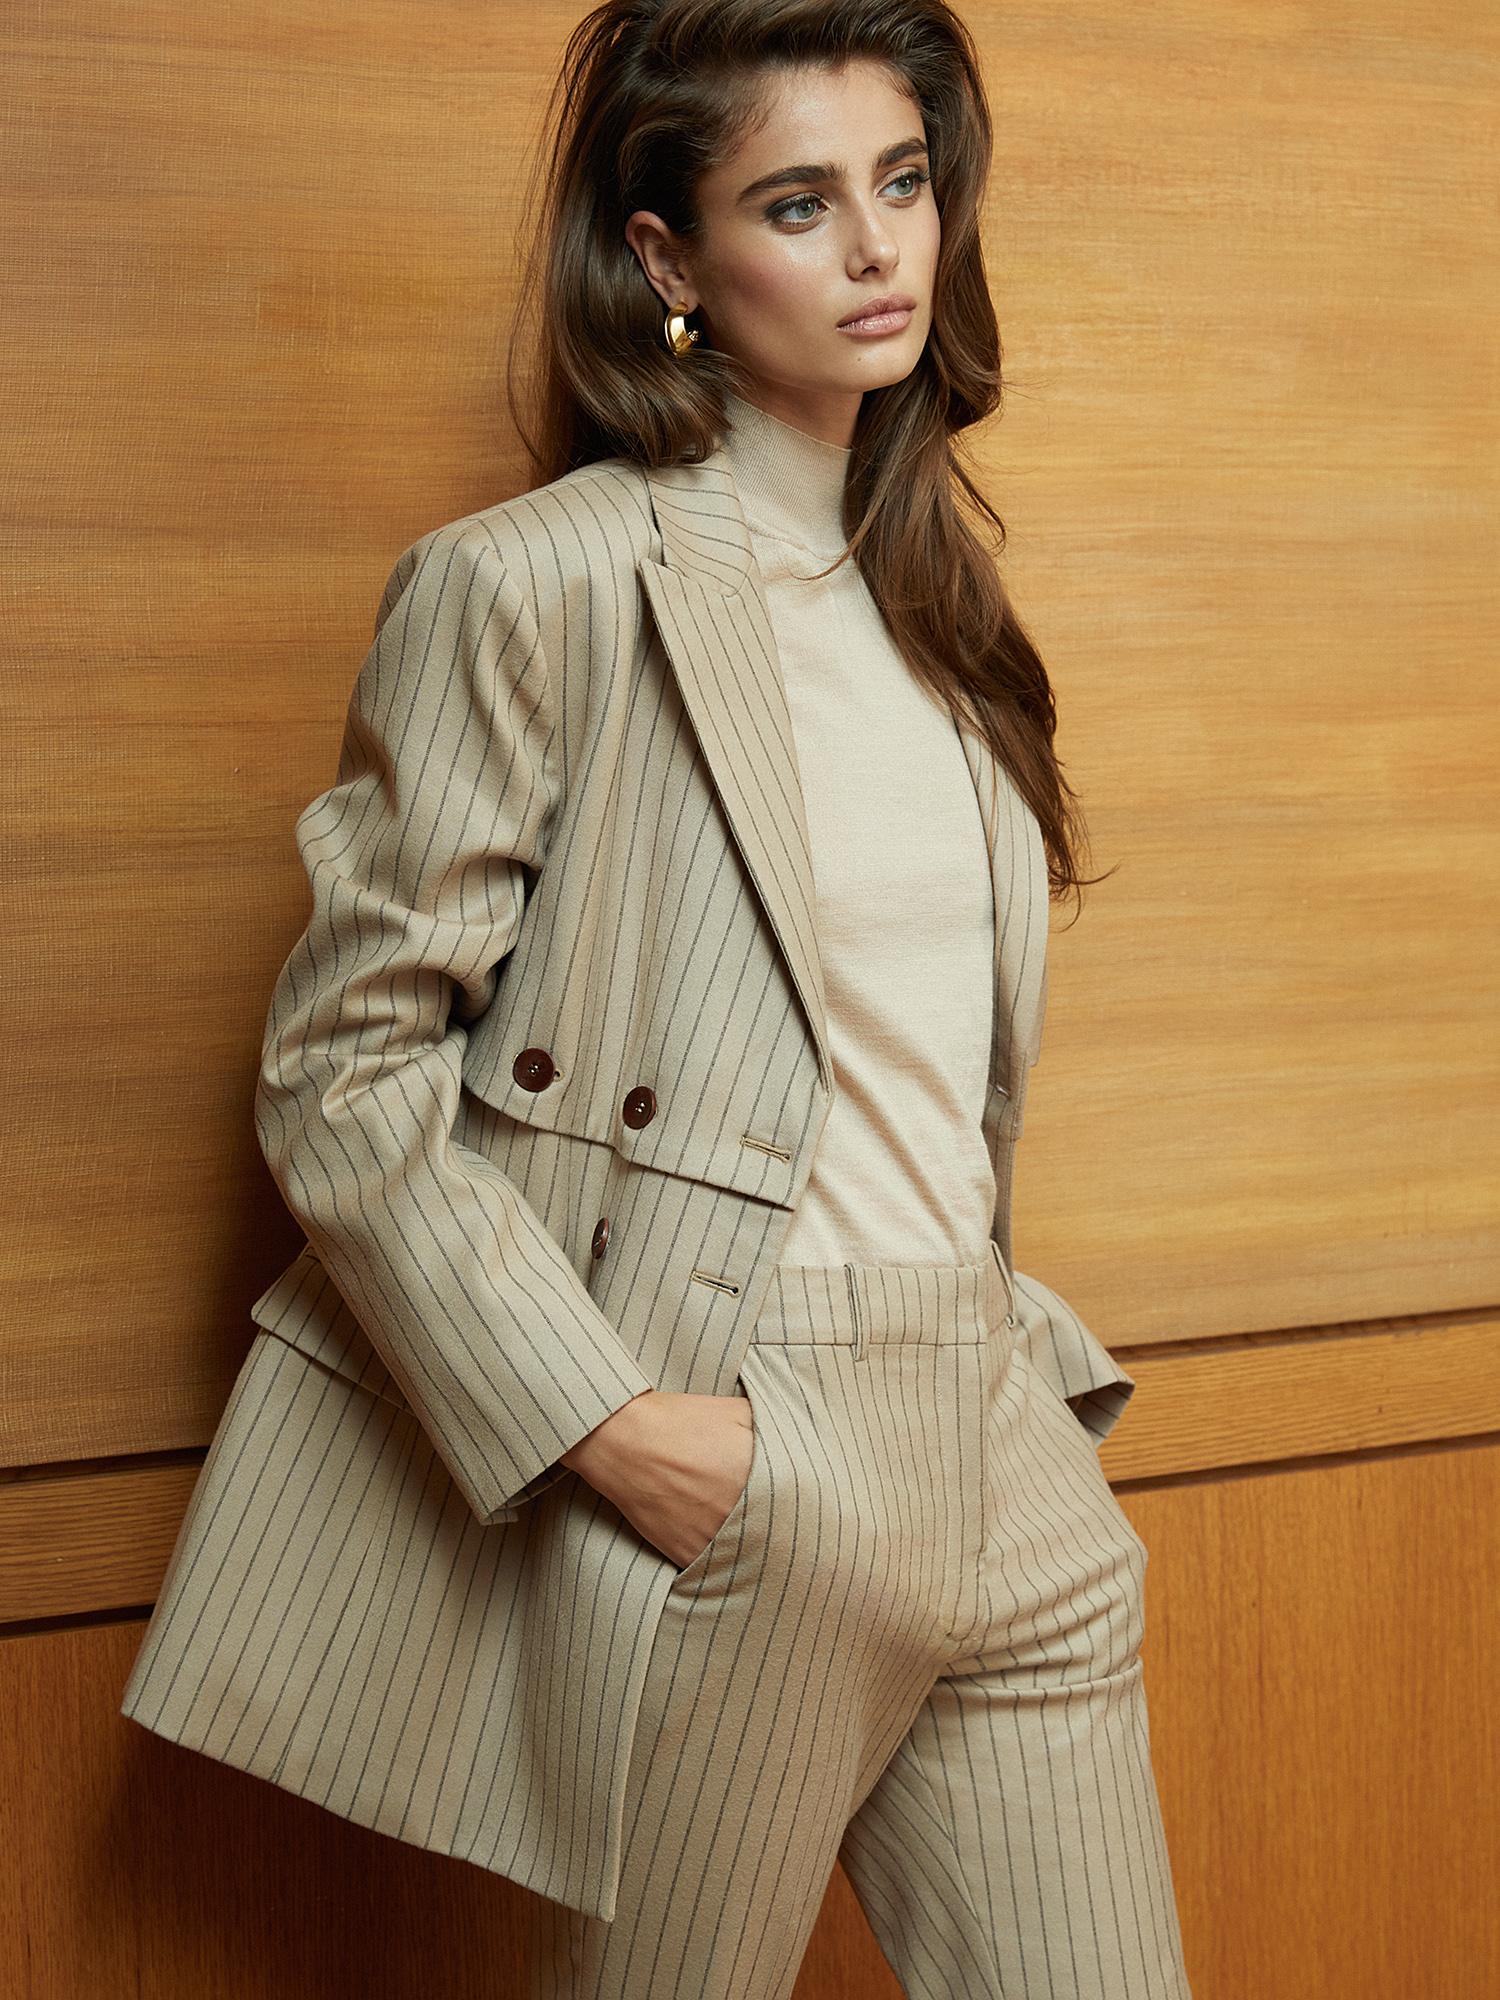 9ec695d59a2e Victoria's Secret Model Taylor Hill Wears FW18's Most Elegant Tonal Pieces  | PORTER